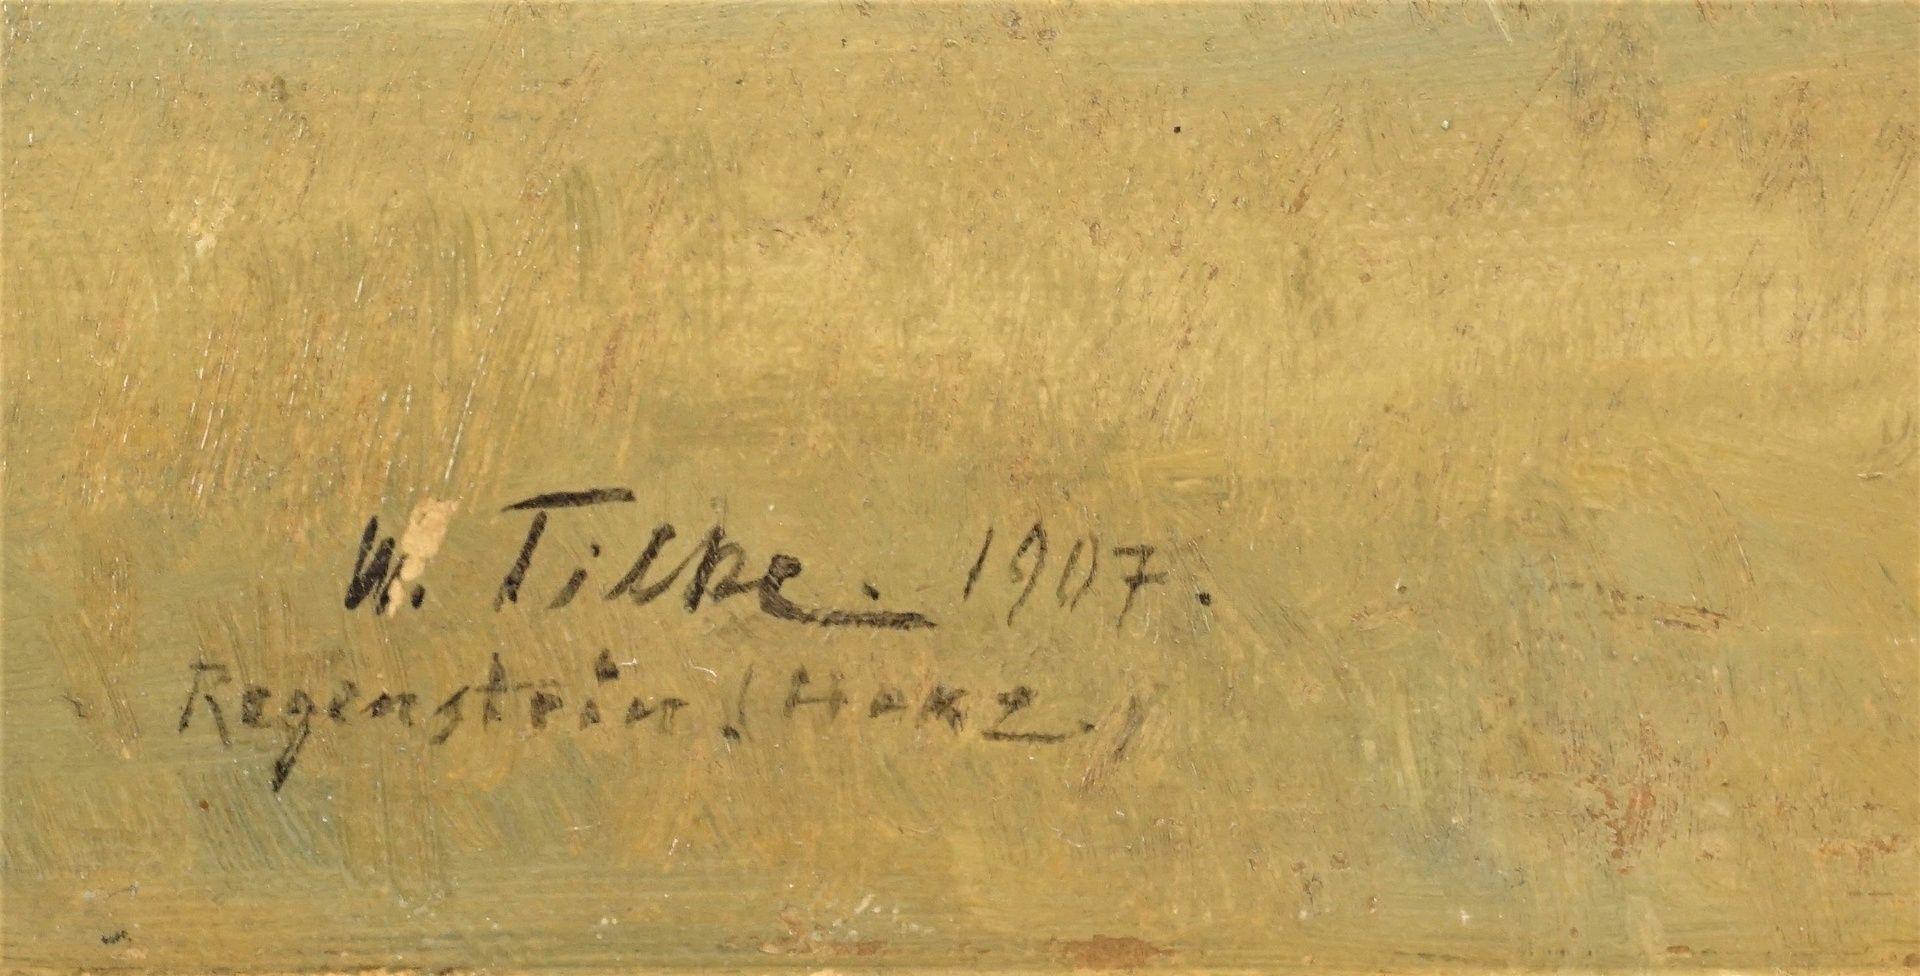 Willy Constantin Tilke, Aufziehendes Gewitter am Regenstein im Harz - Bild 4 aus 4